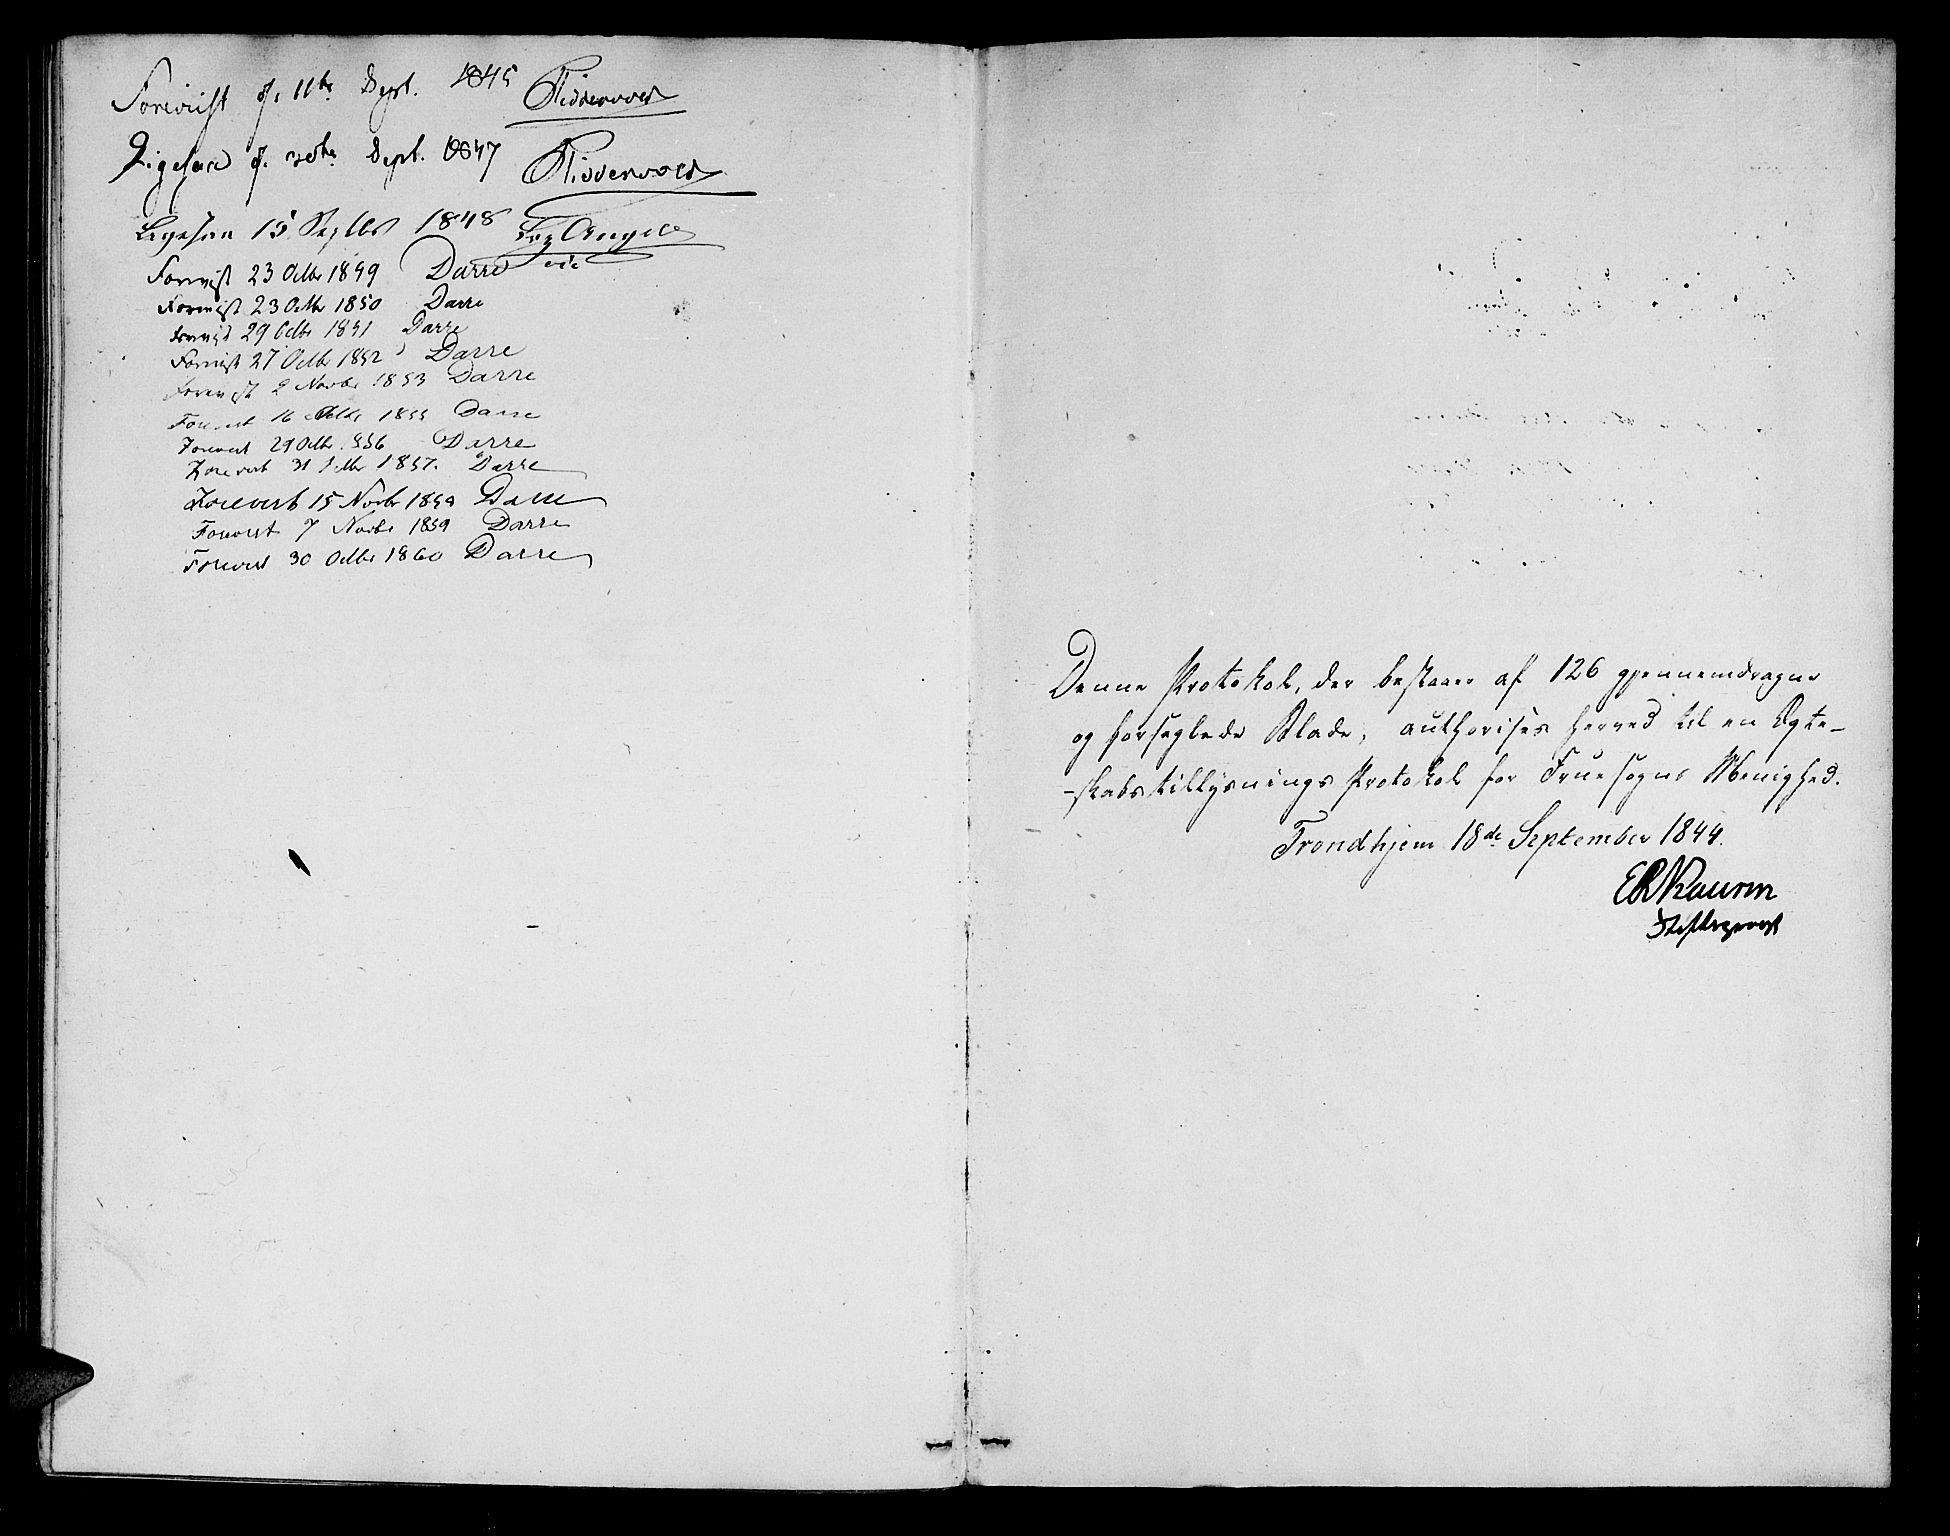 SAT, Ministerialprotokoller, klokkerbøker og fødselsregistre - Sør-Trøndelag, 602/L0111: Ministerialbok nr. 602A09, 1844-1867